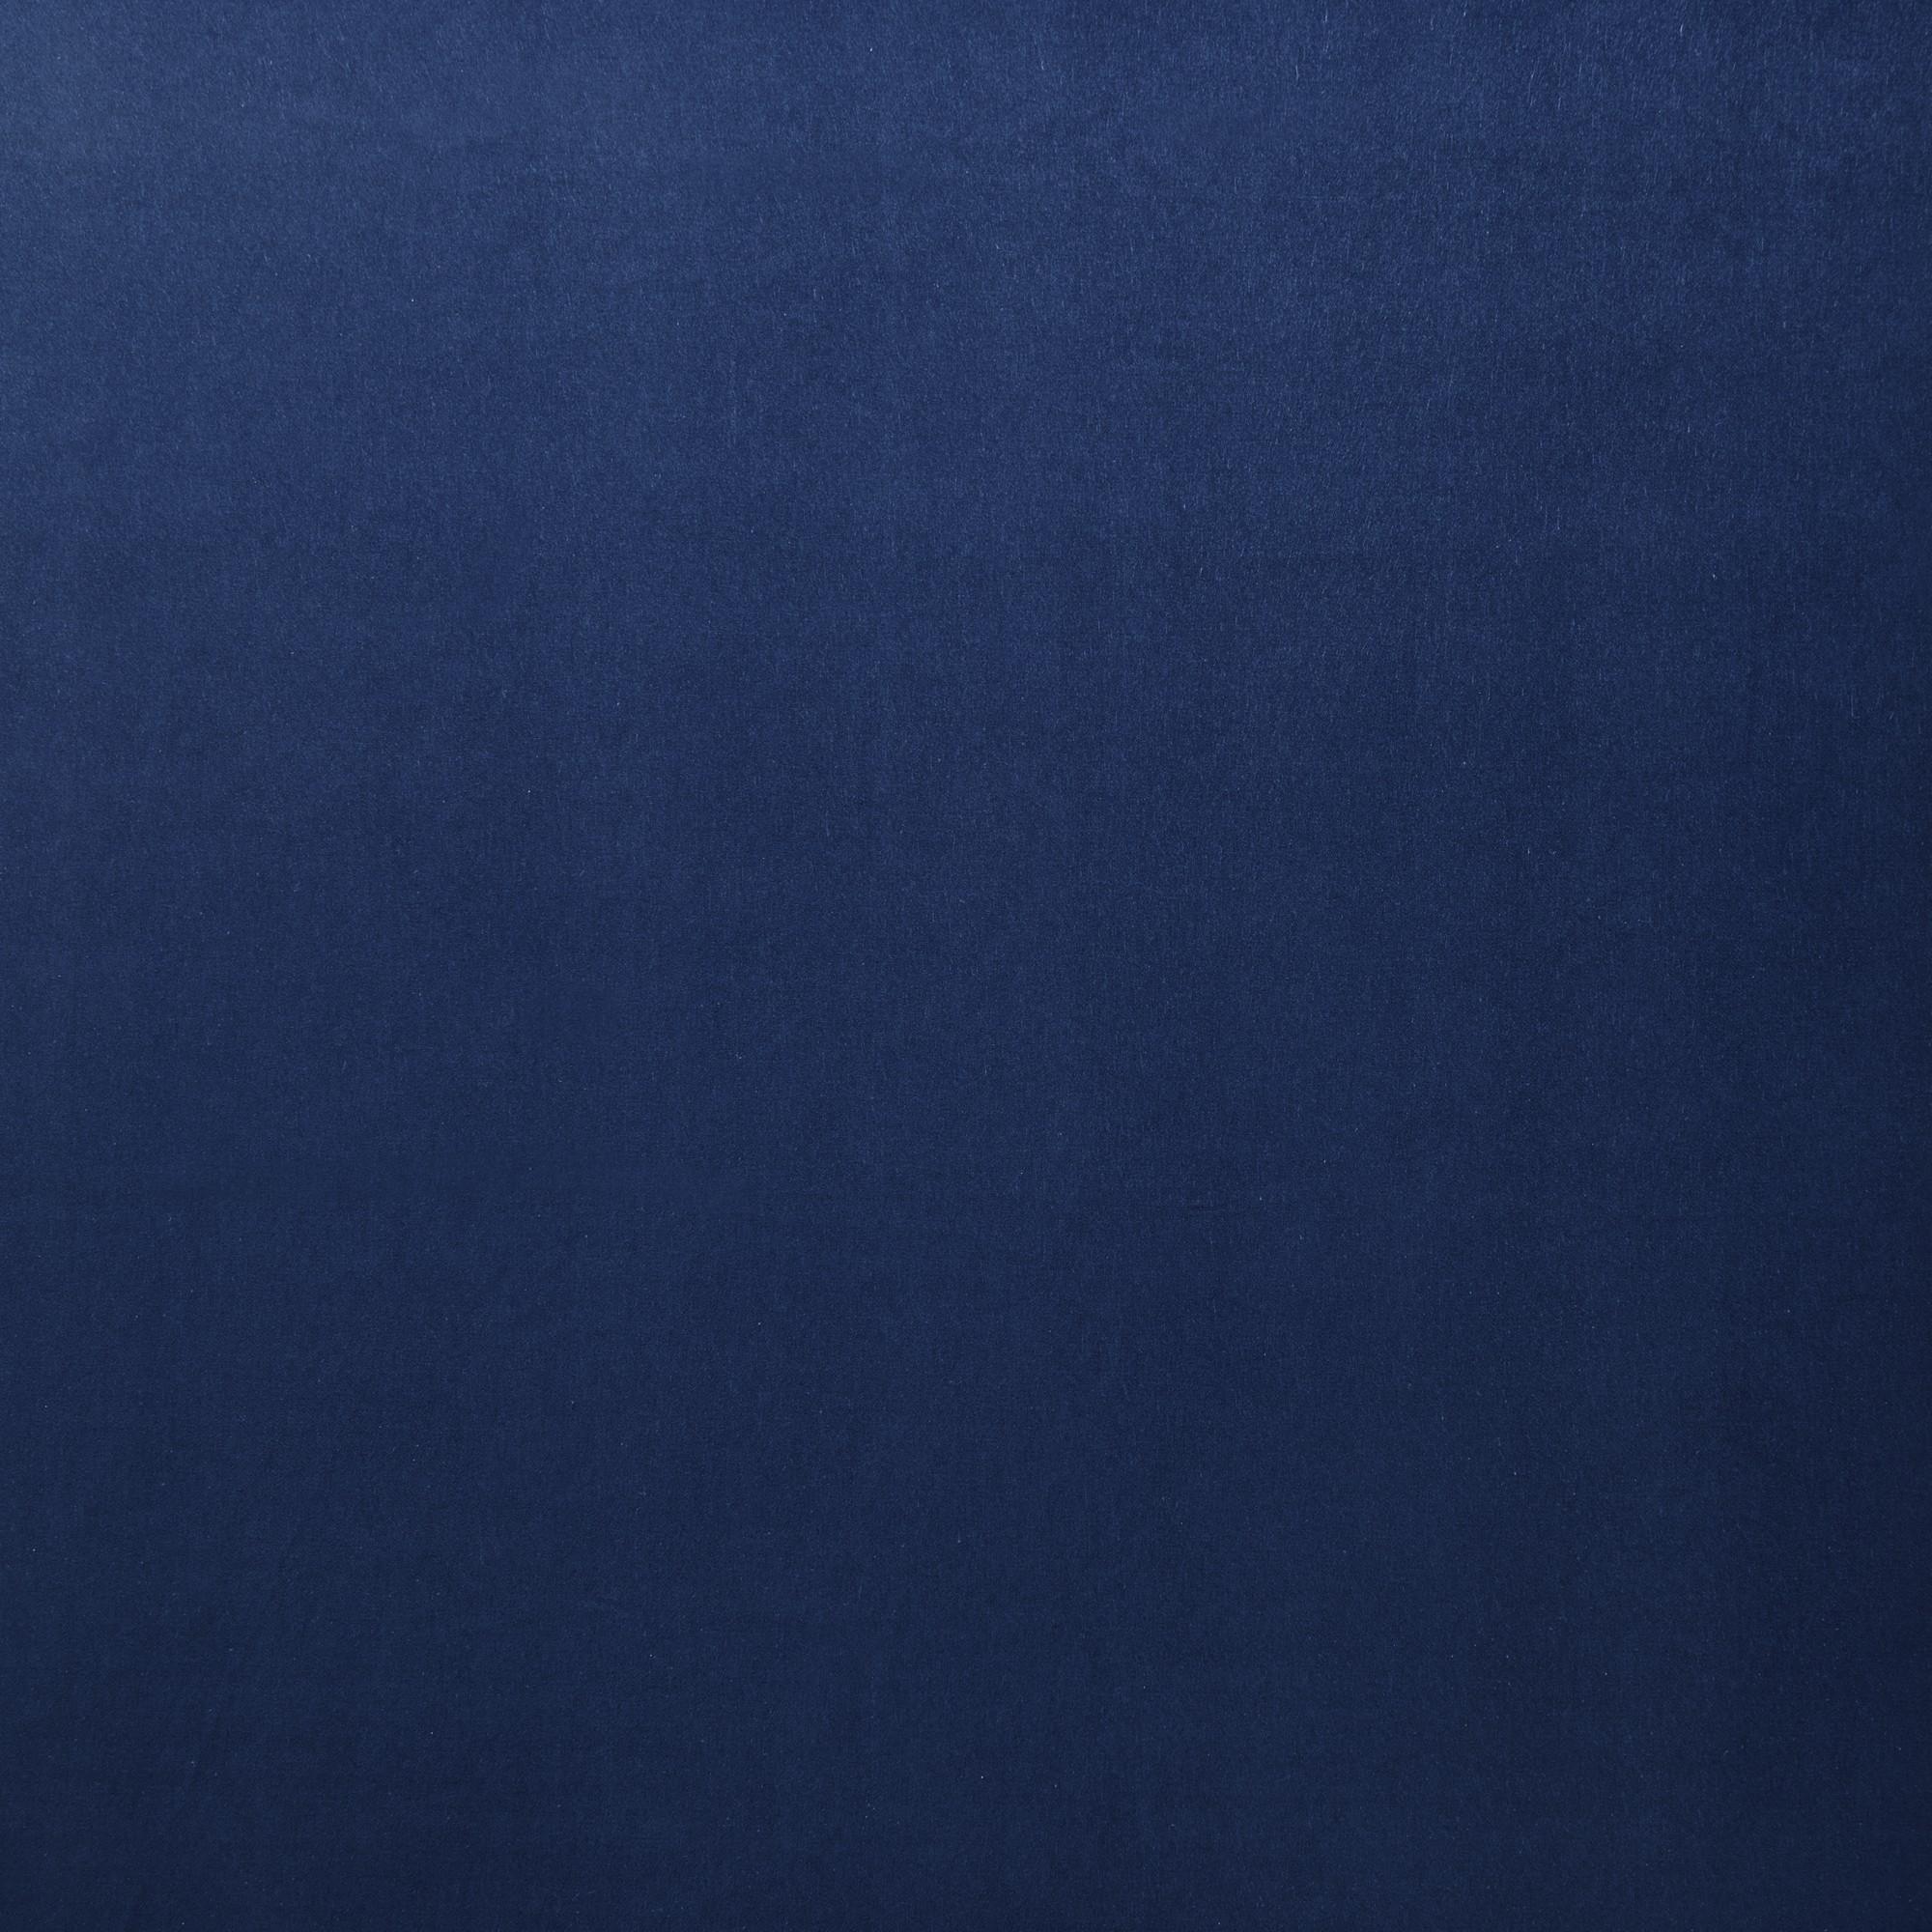 John Lewis Ruben Woven Velvet Fabric